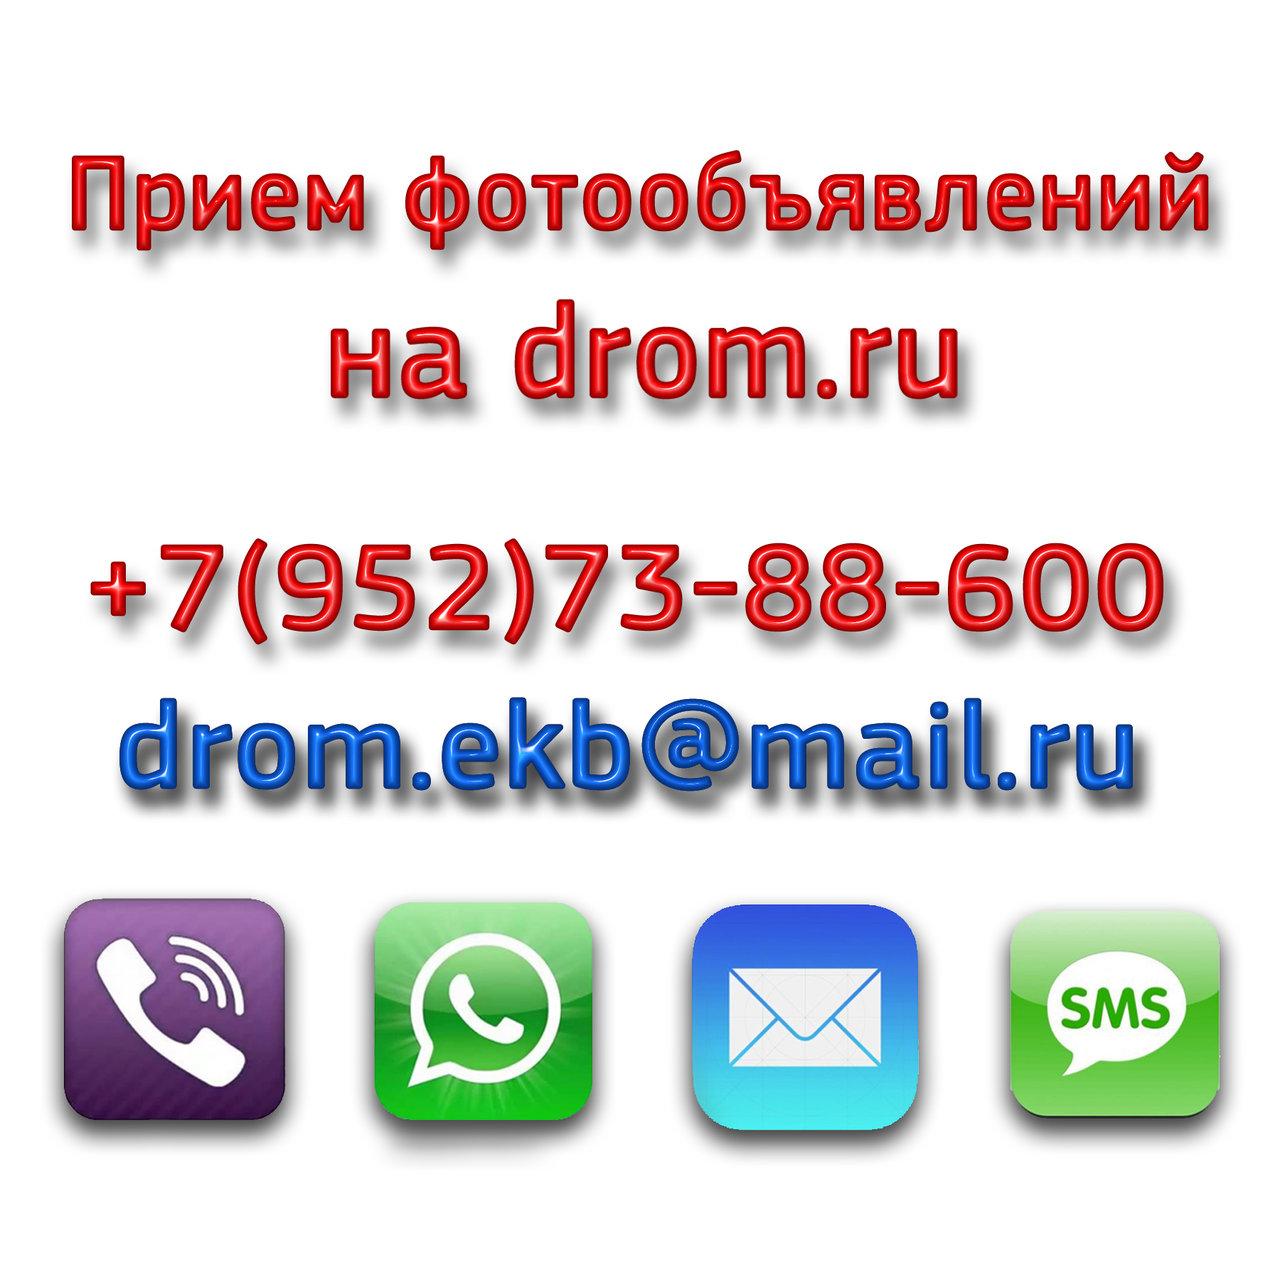 Дать объявление на дром ру бесплатно дать объявление по сантехники в регионы бесплатно